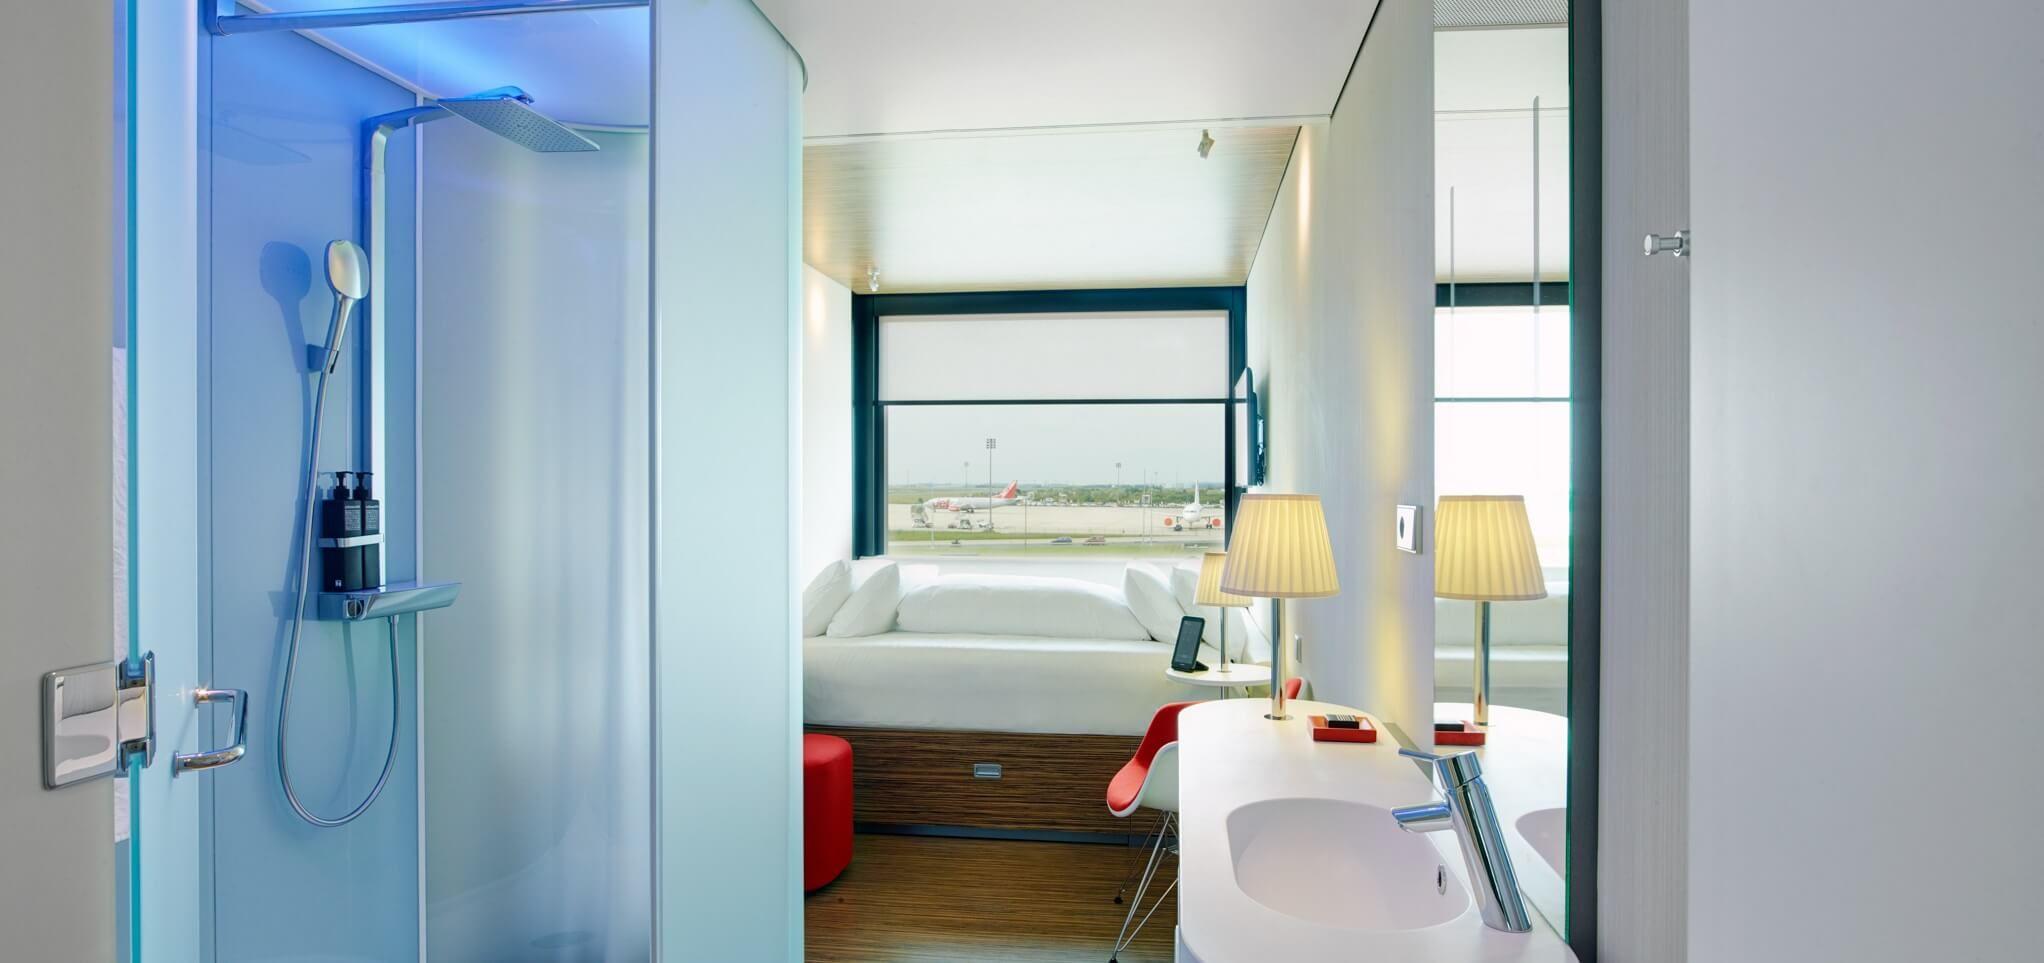 Les meilleurs hôtels d'aéroport pour voyager sans stress